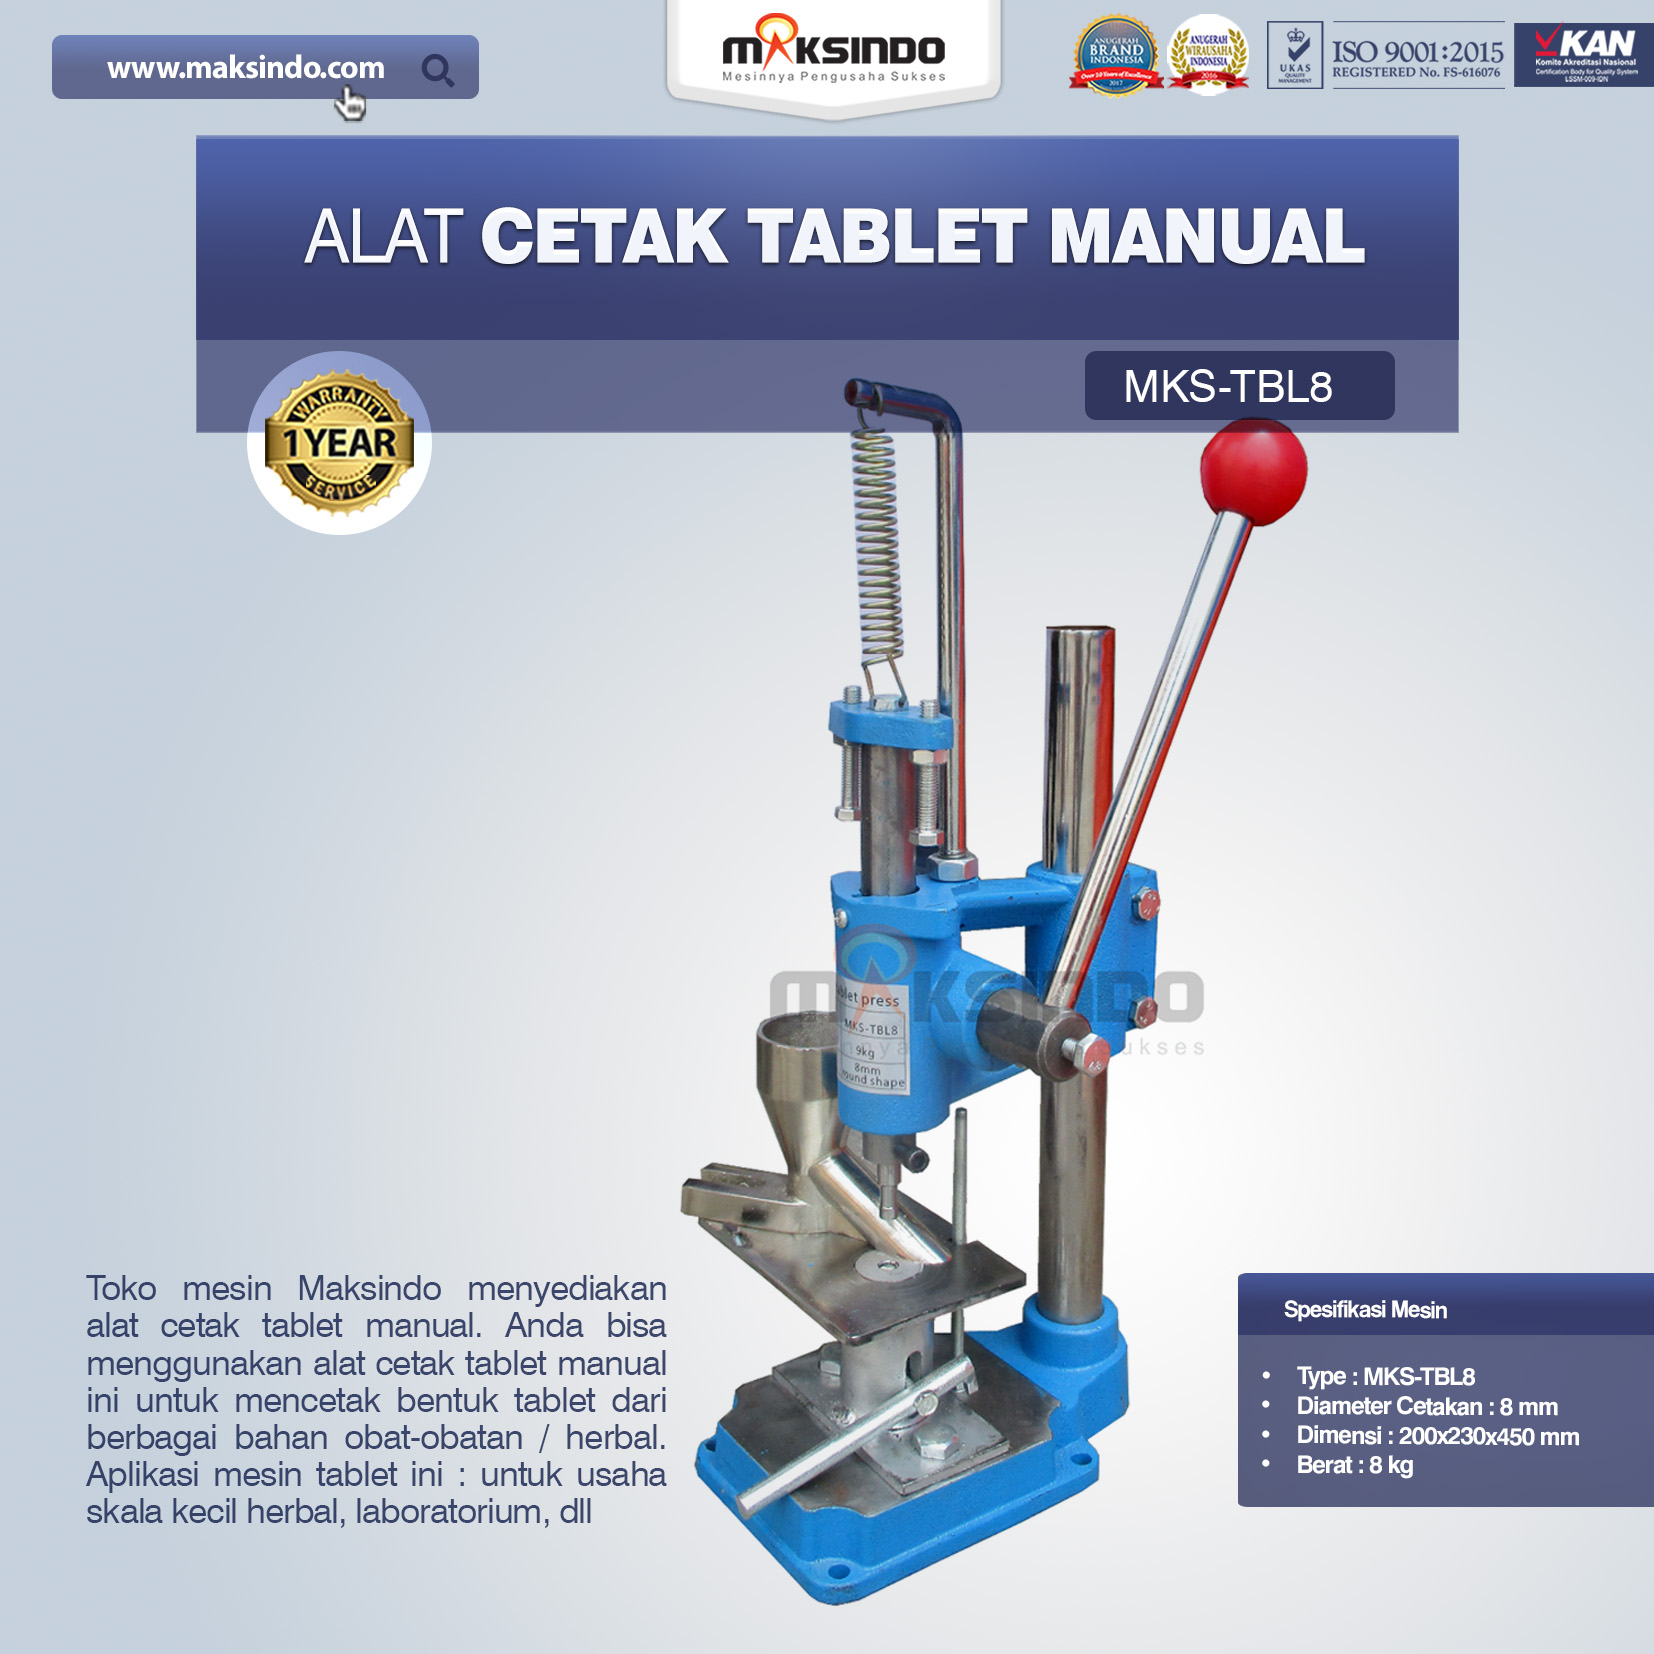 Jual Alat Cetak Tablet ManualMKS-TBL8 di Pekanbaru